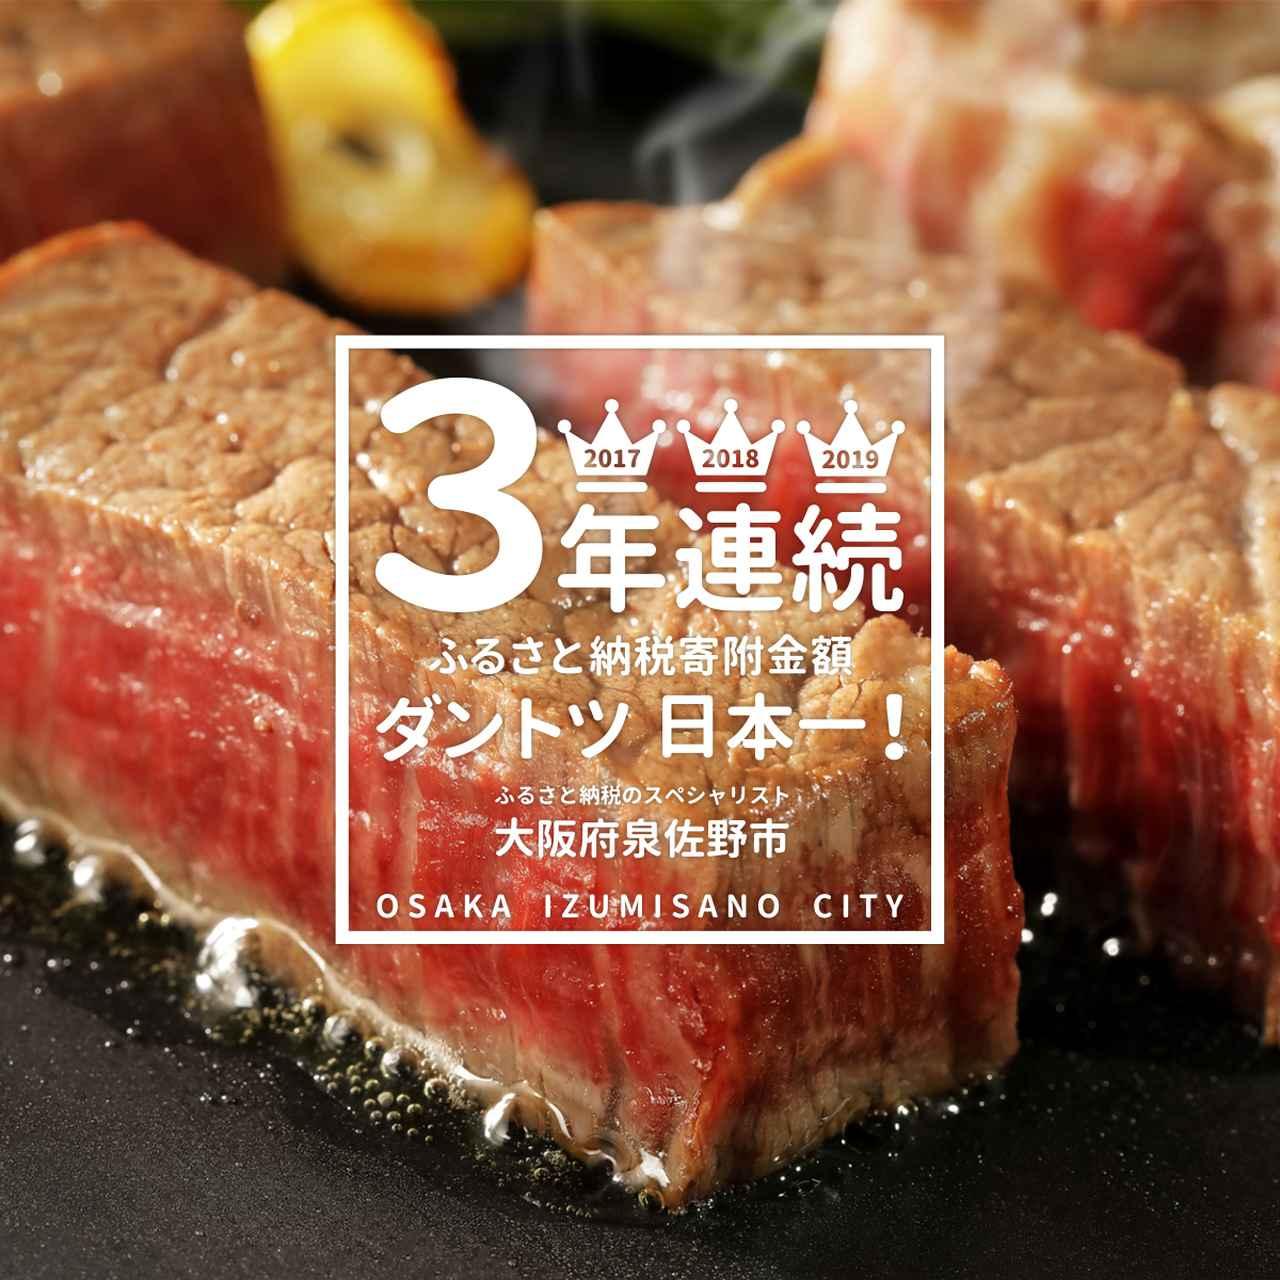 画像: 泉佐野市ふるさと納税特設サイト「さのちょく」